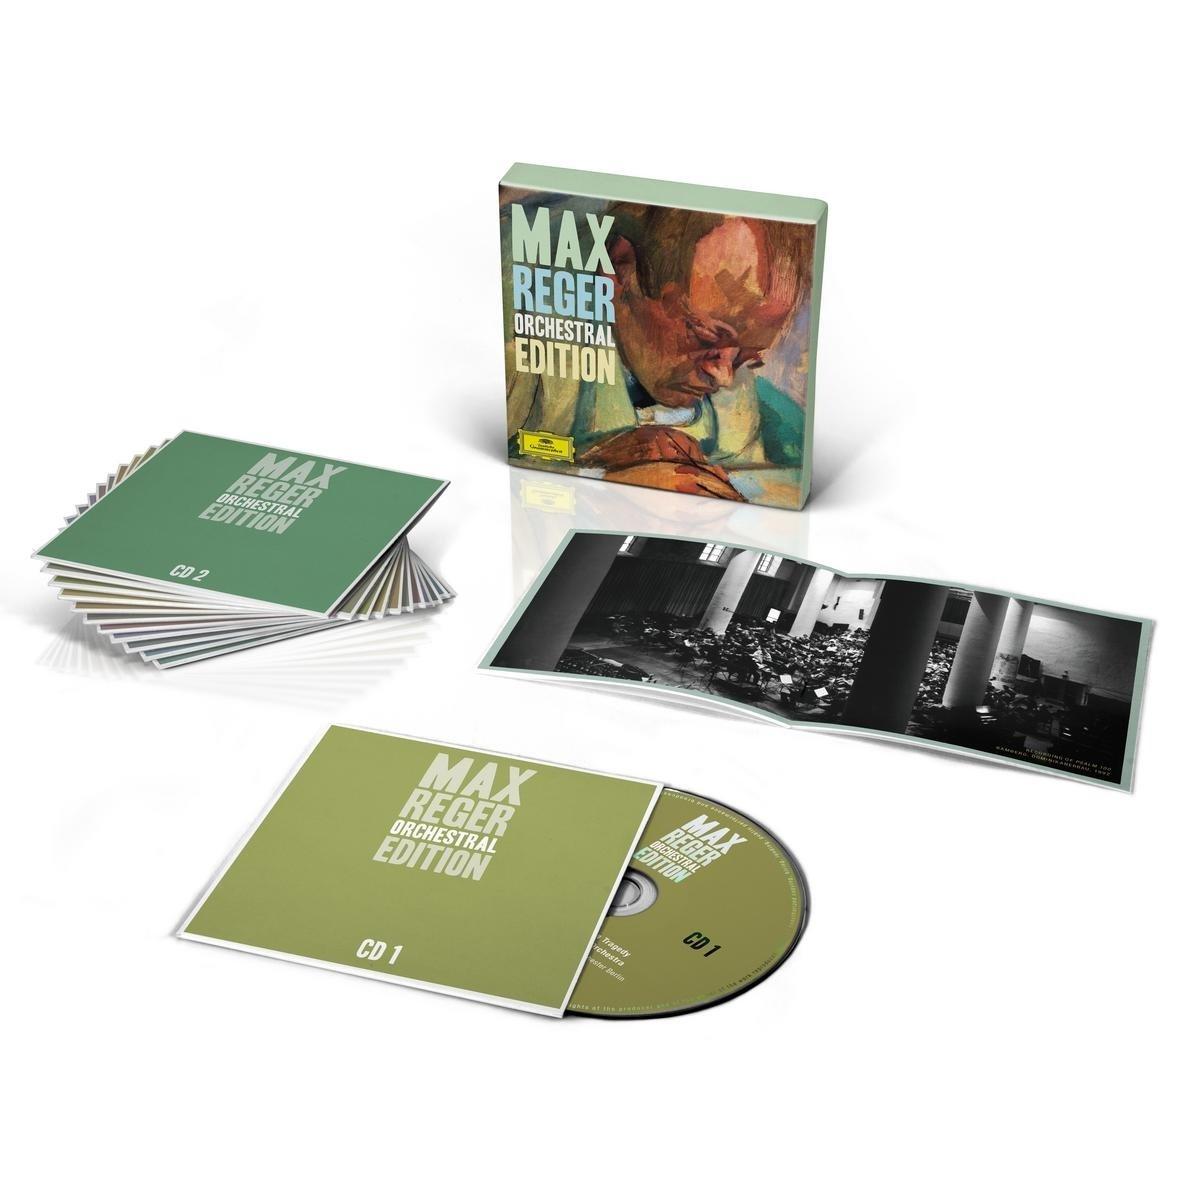 Max Reger - Orchestral Edition [12 CD] by Deutsche Grammophon